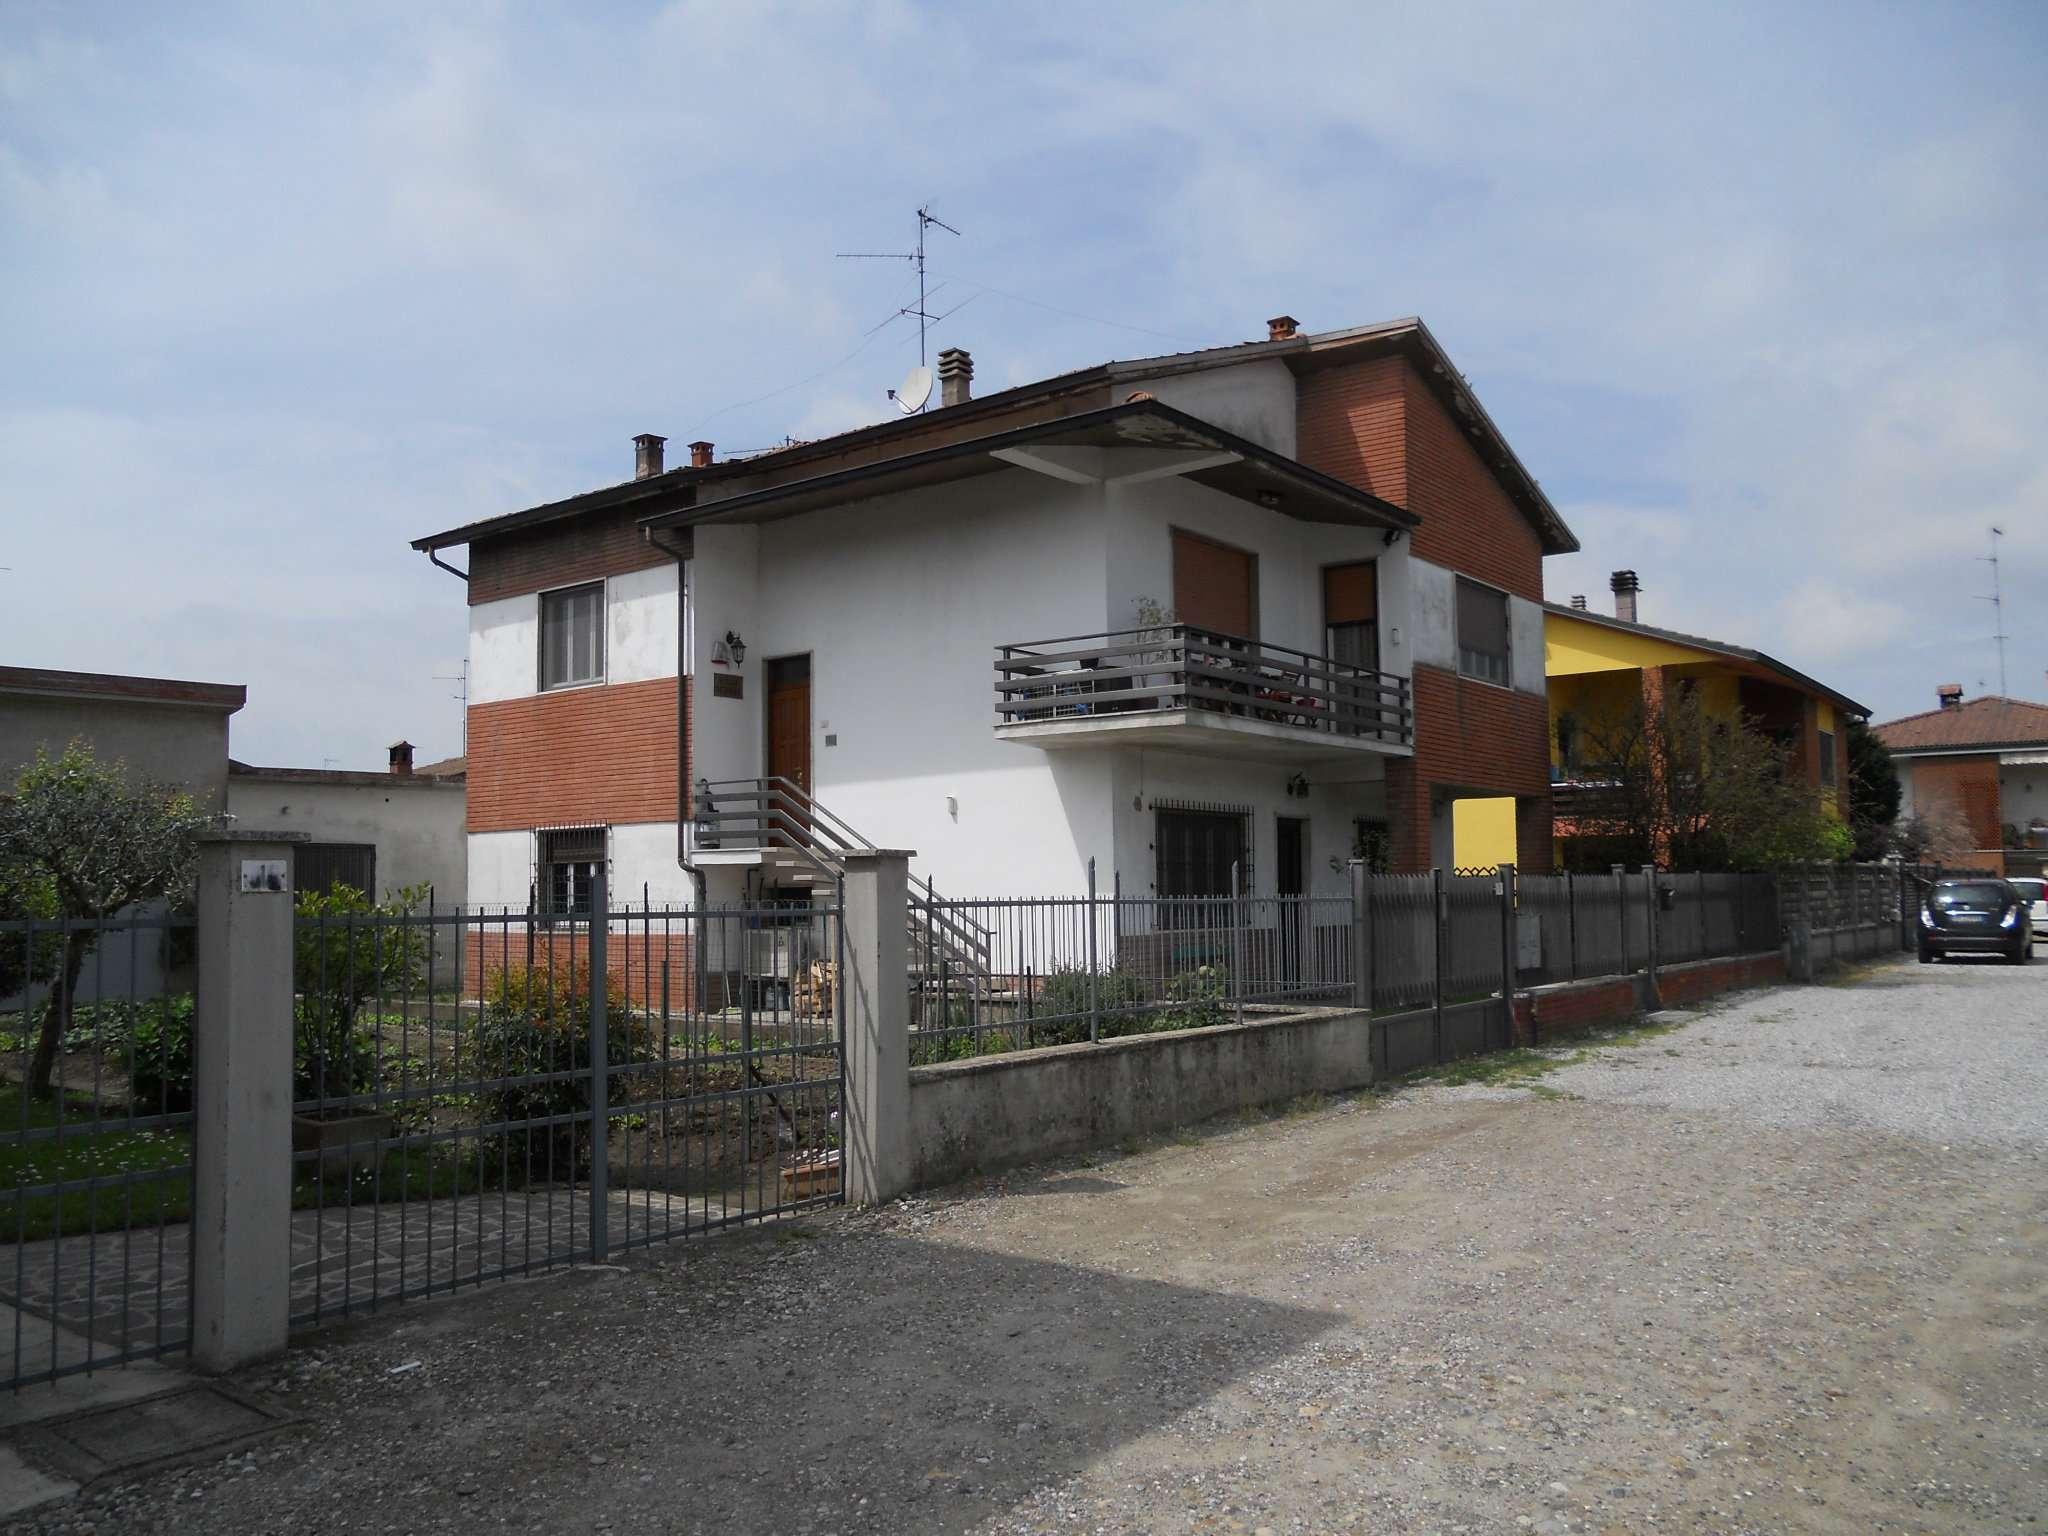 Soluzione Indipendente in vendita a Borghetto Lodigiano, 10 locali, prezzo € 250.000 | CambioCasa.it